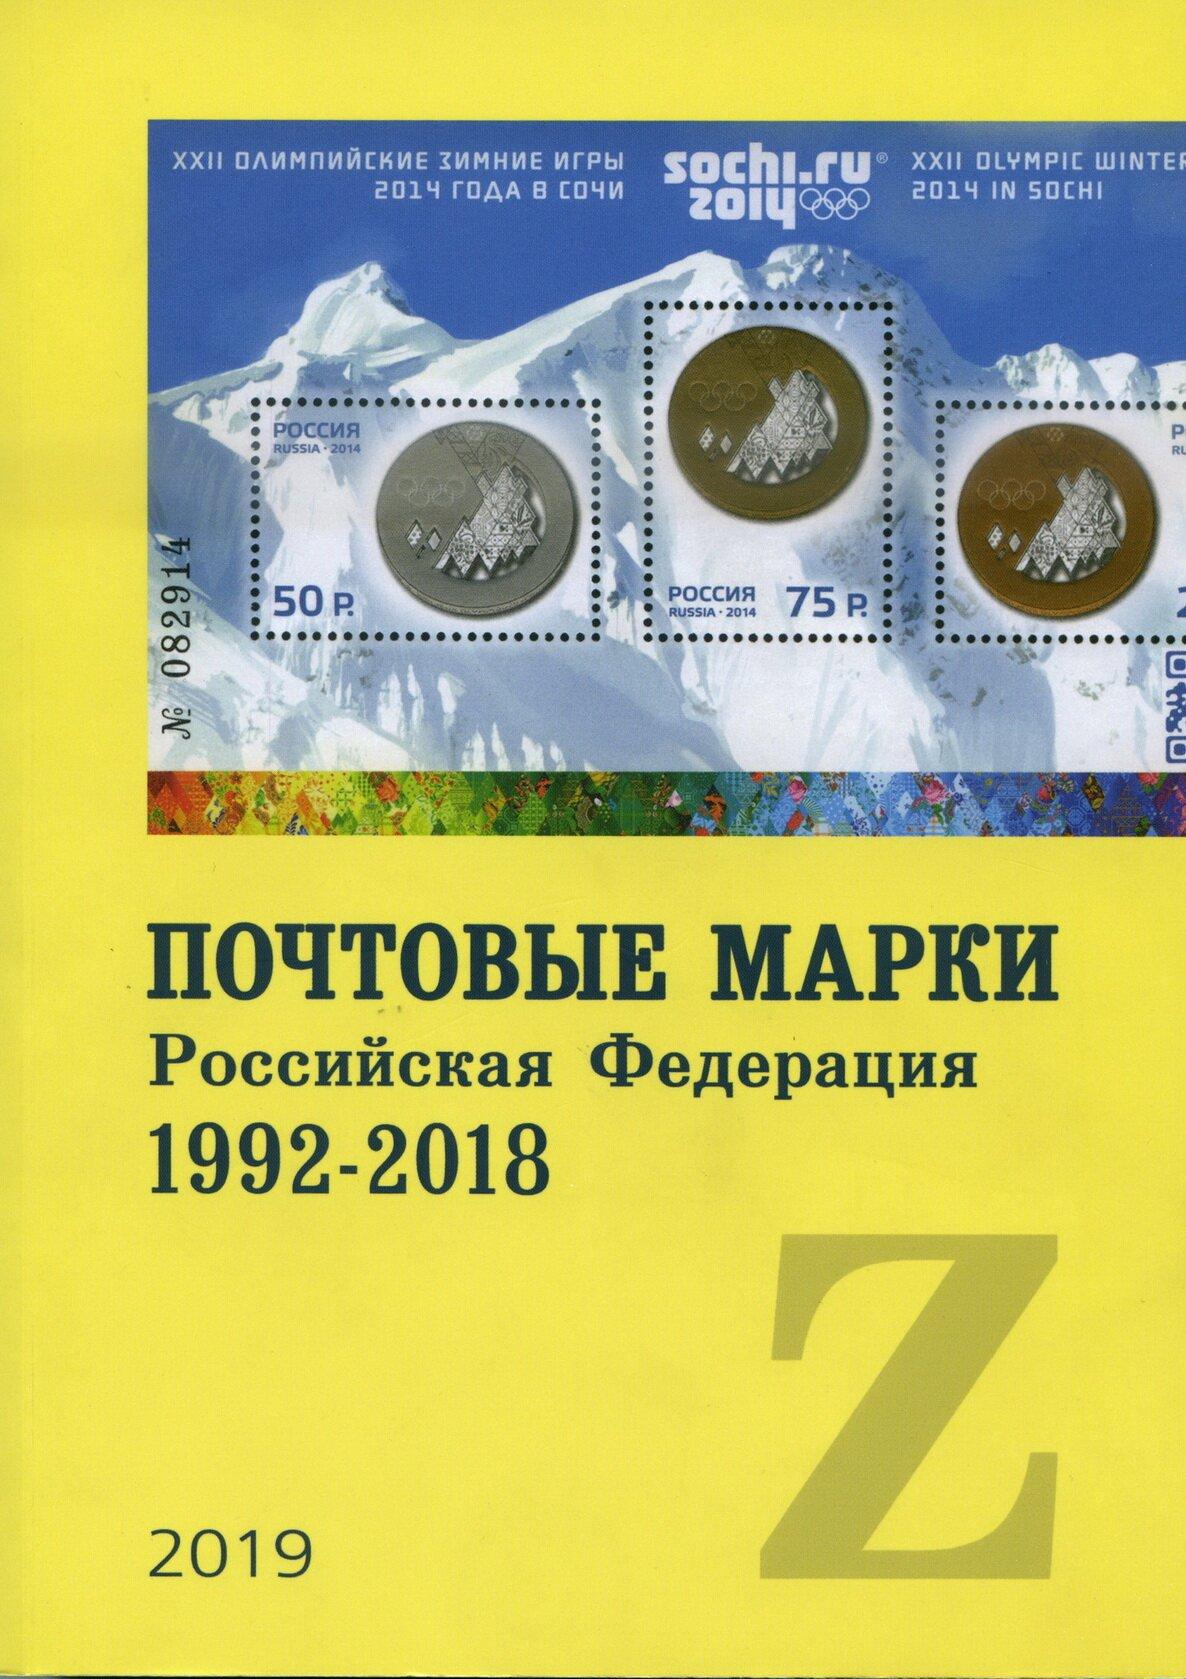 Почтовые марки россии каталог